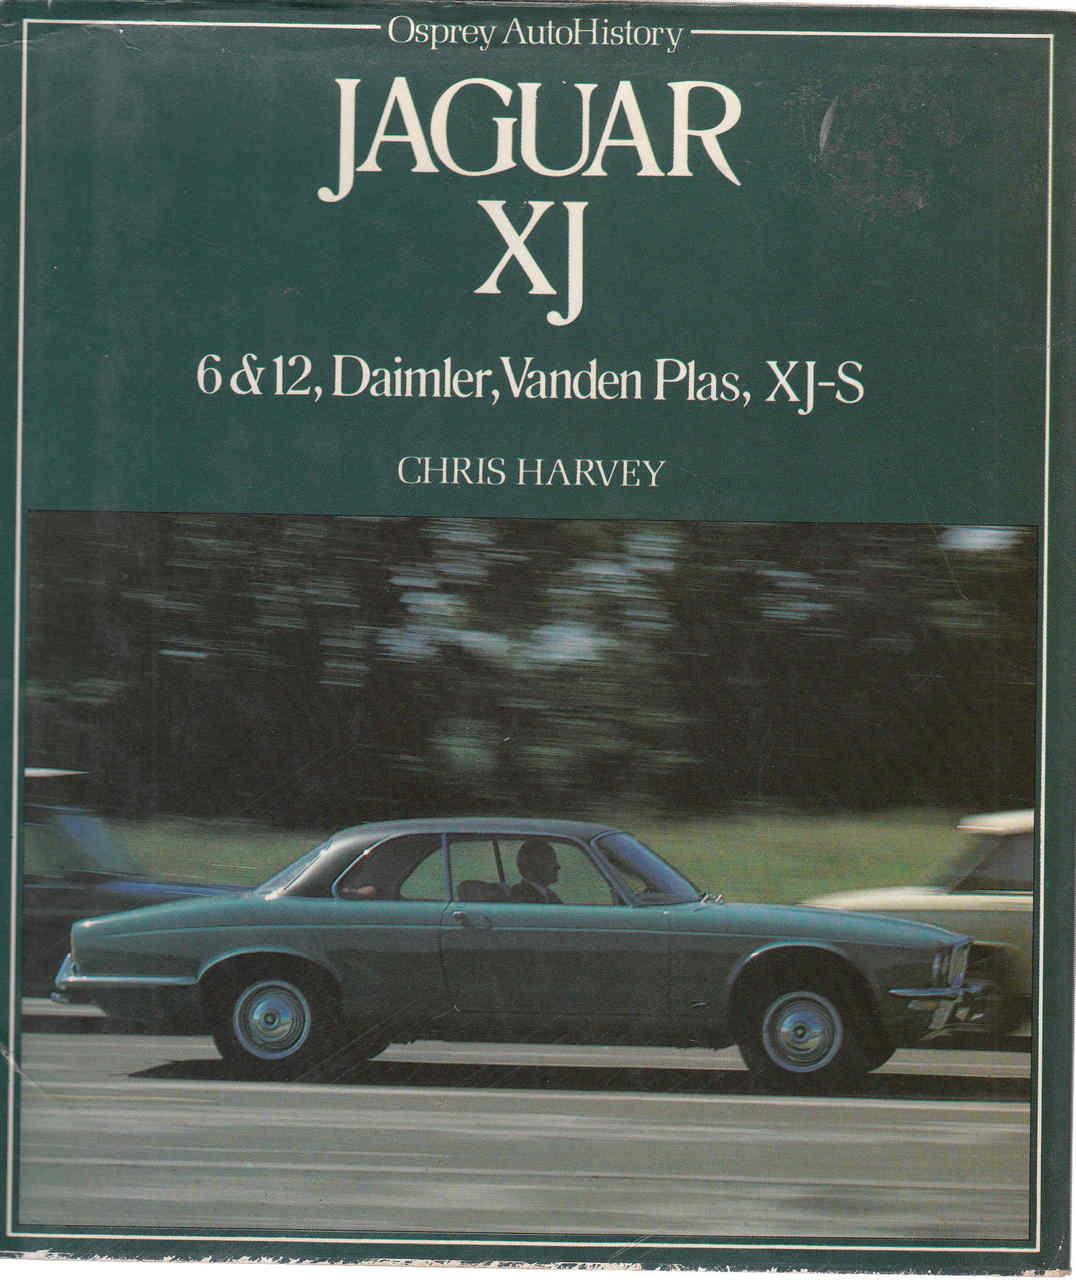 Jaguar XJ: 6 & 12, Daimler, Vanden-Plas, XJ-S